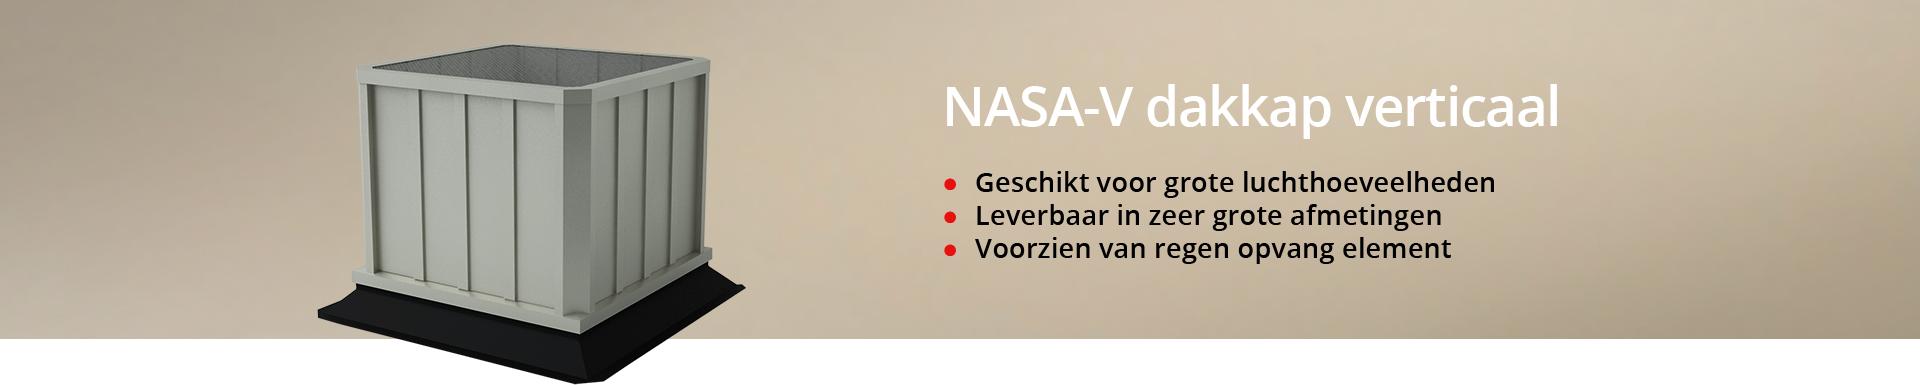 NASA-V dakkap verticaal